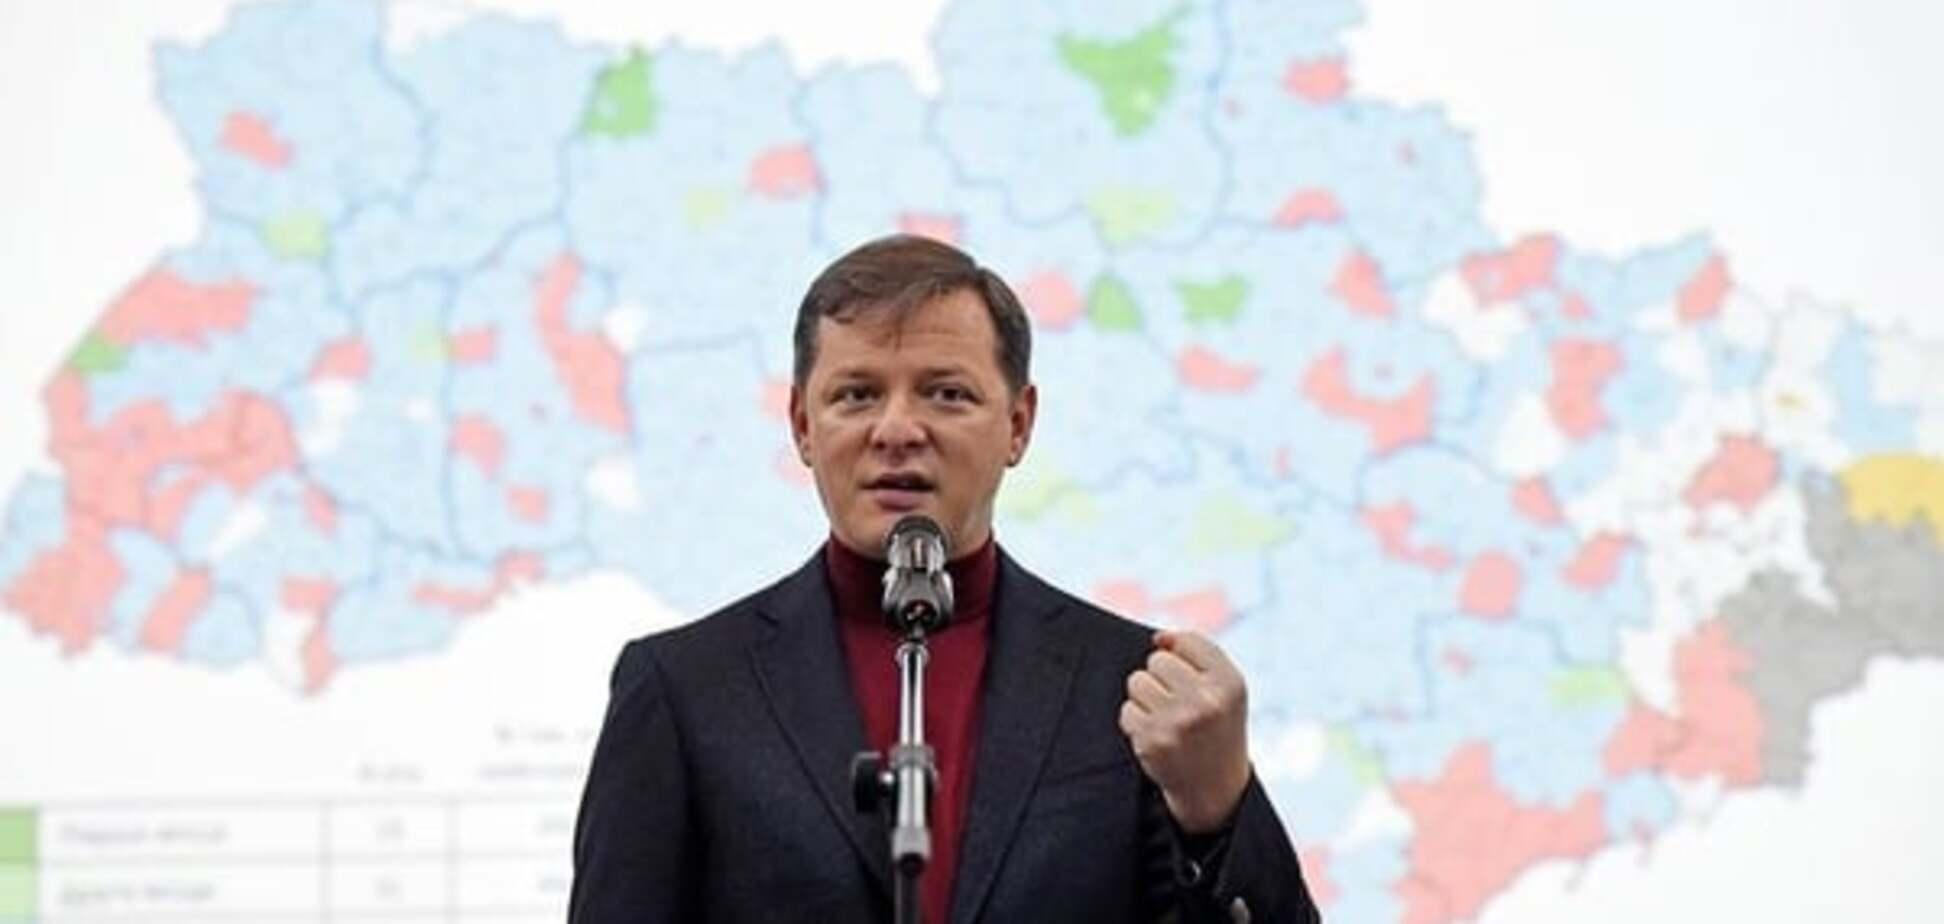 'Хватит унижаться': Ляшко назвал семь шагов по выводу Украины из кризиса